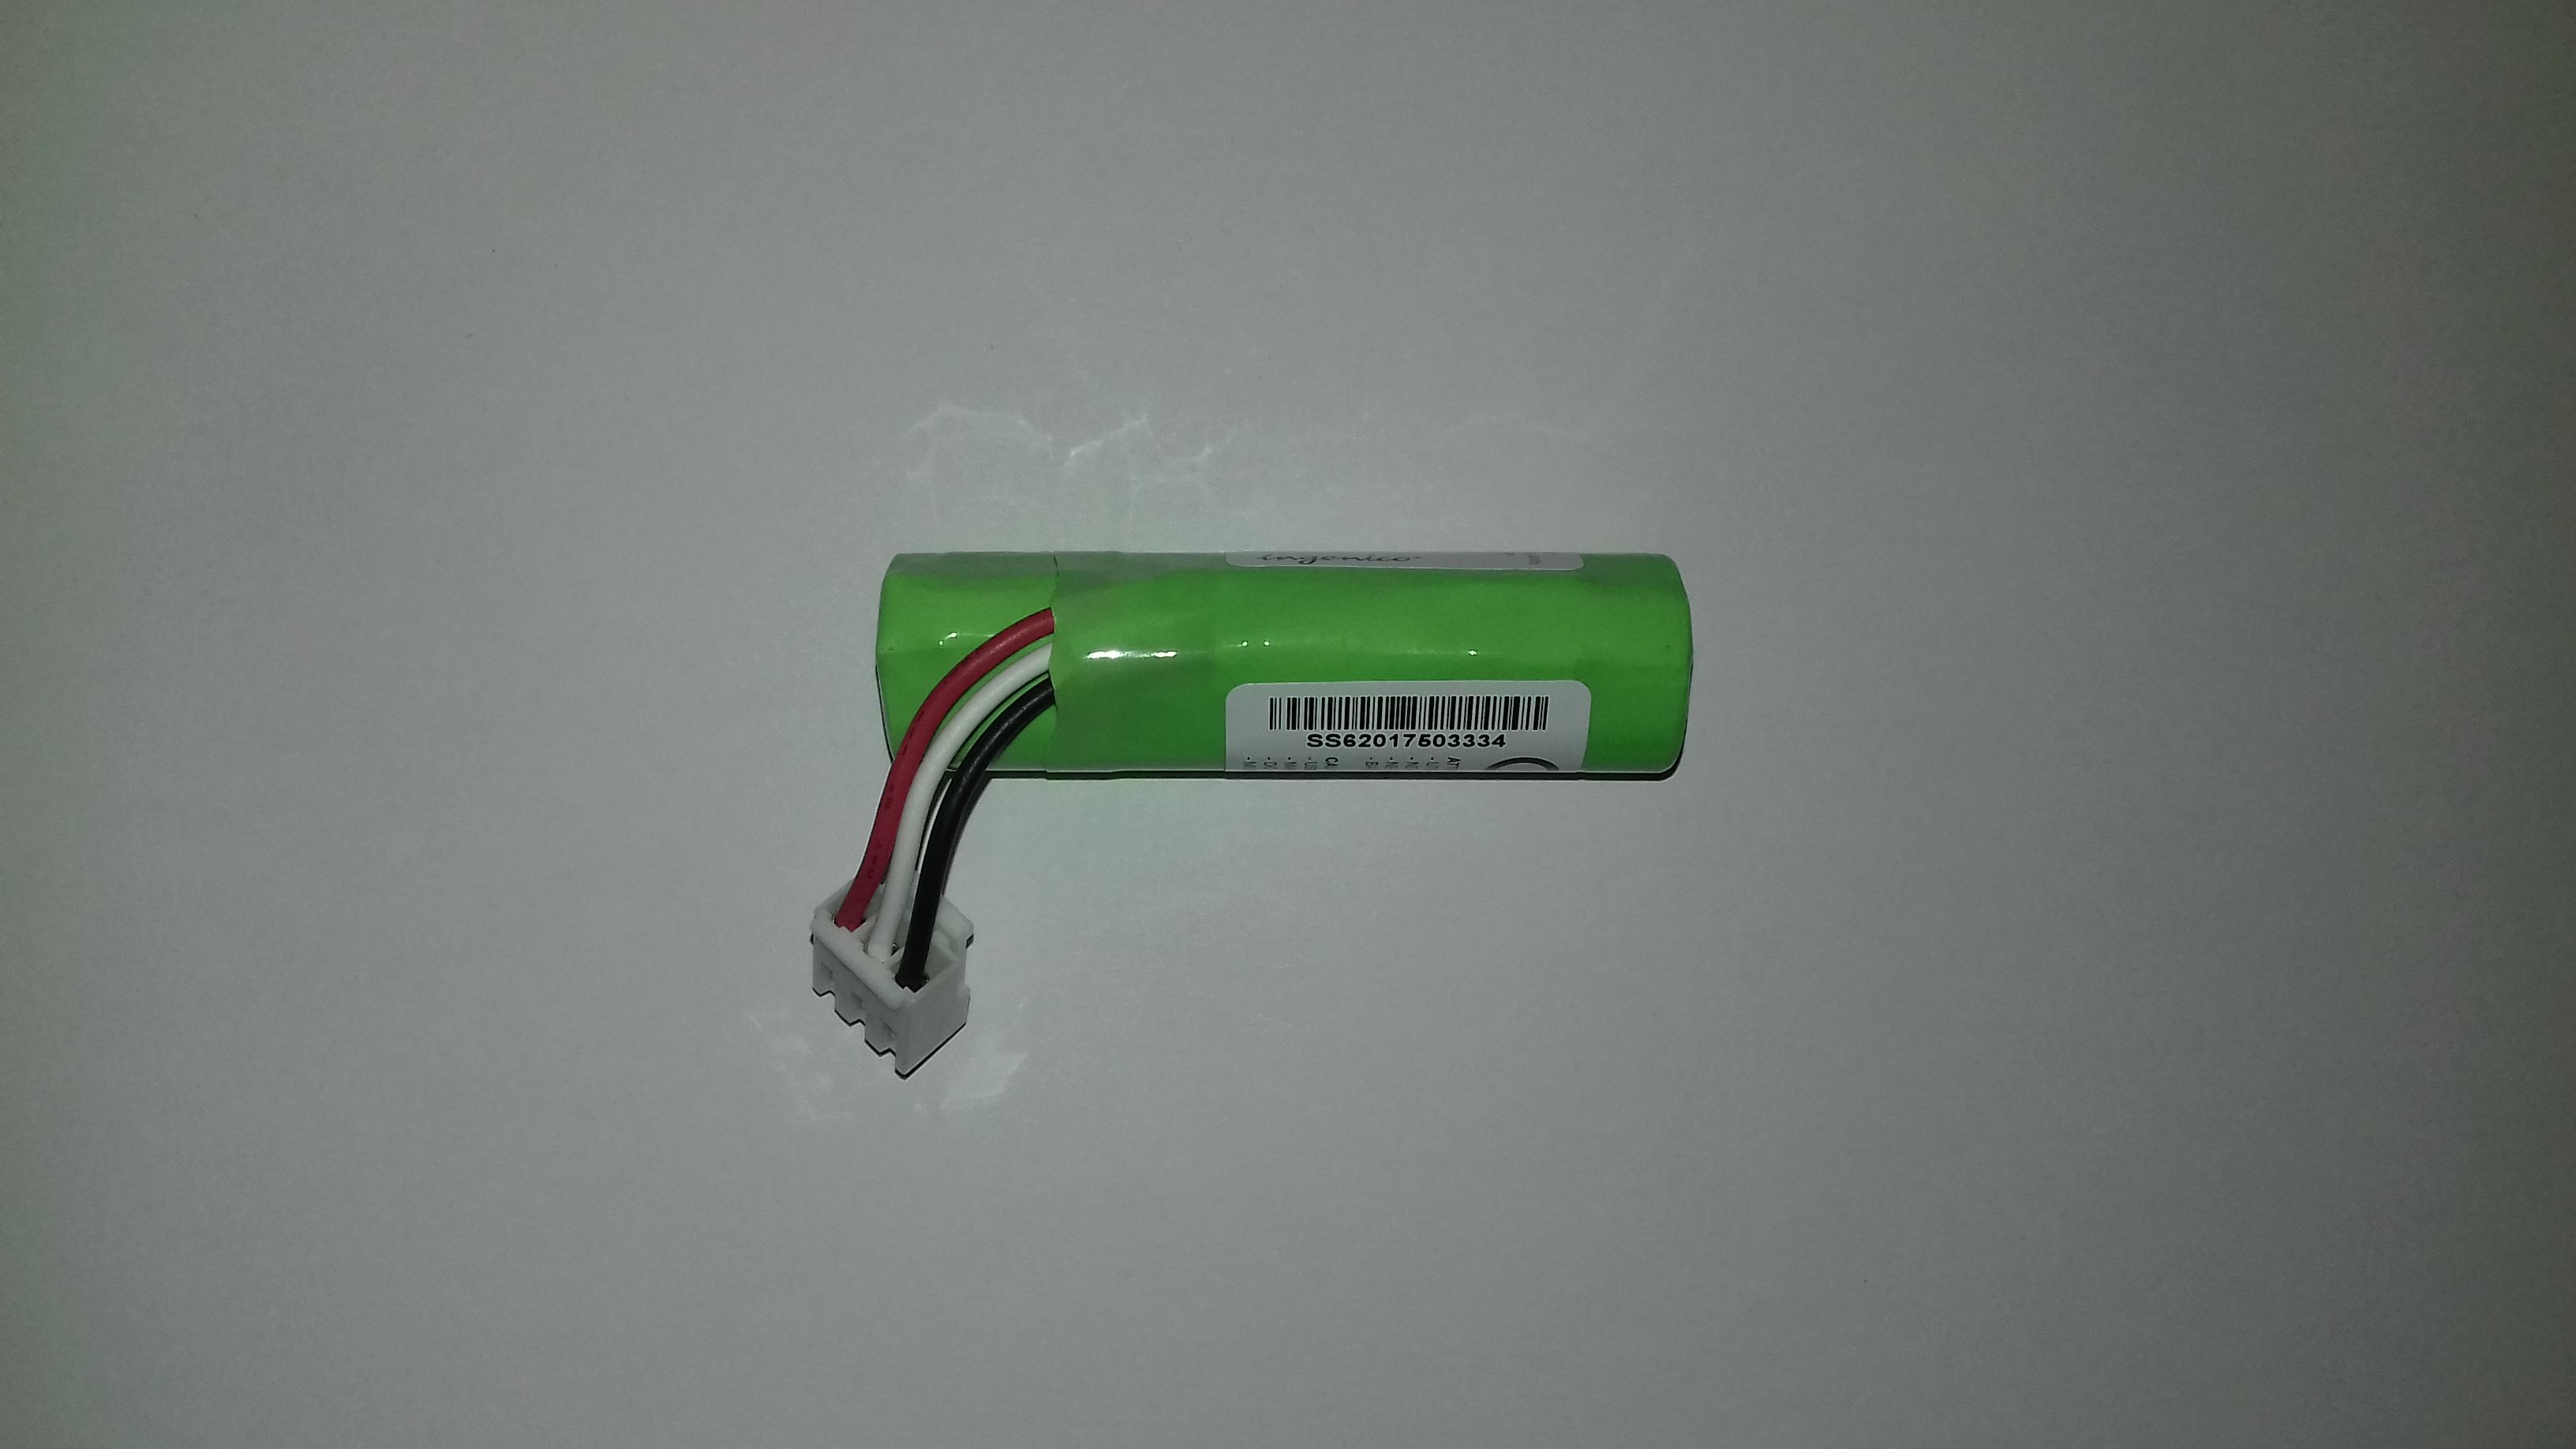 Batterie 3V6 2.9 AH pour MOVE5000